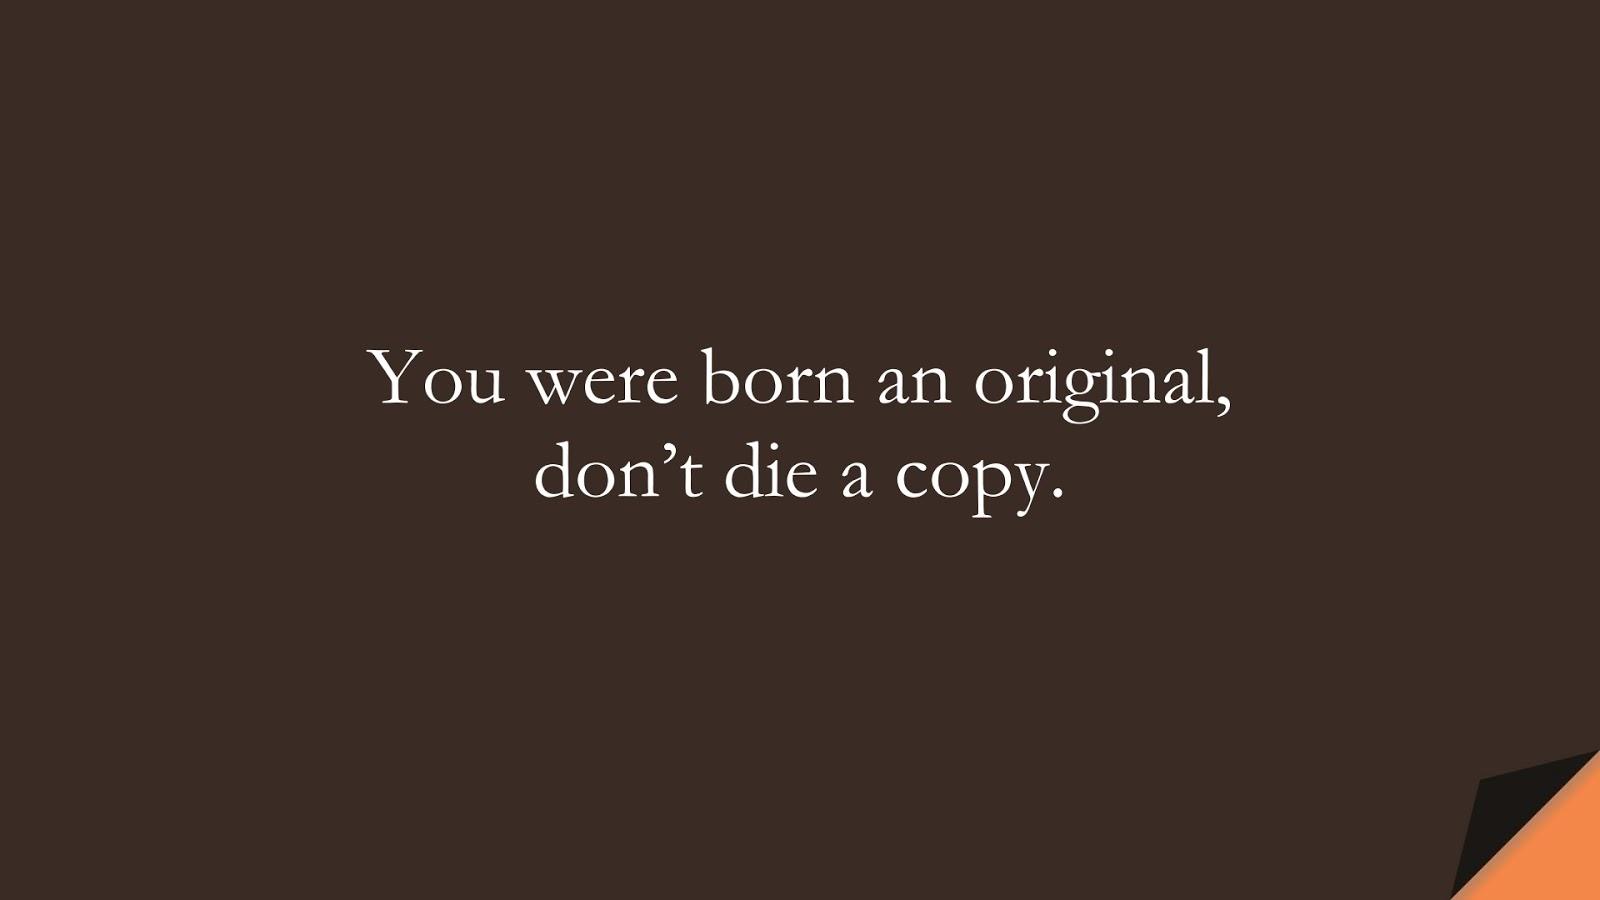 You were born an original, don't die a copy.FALSE